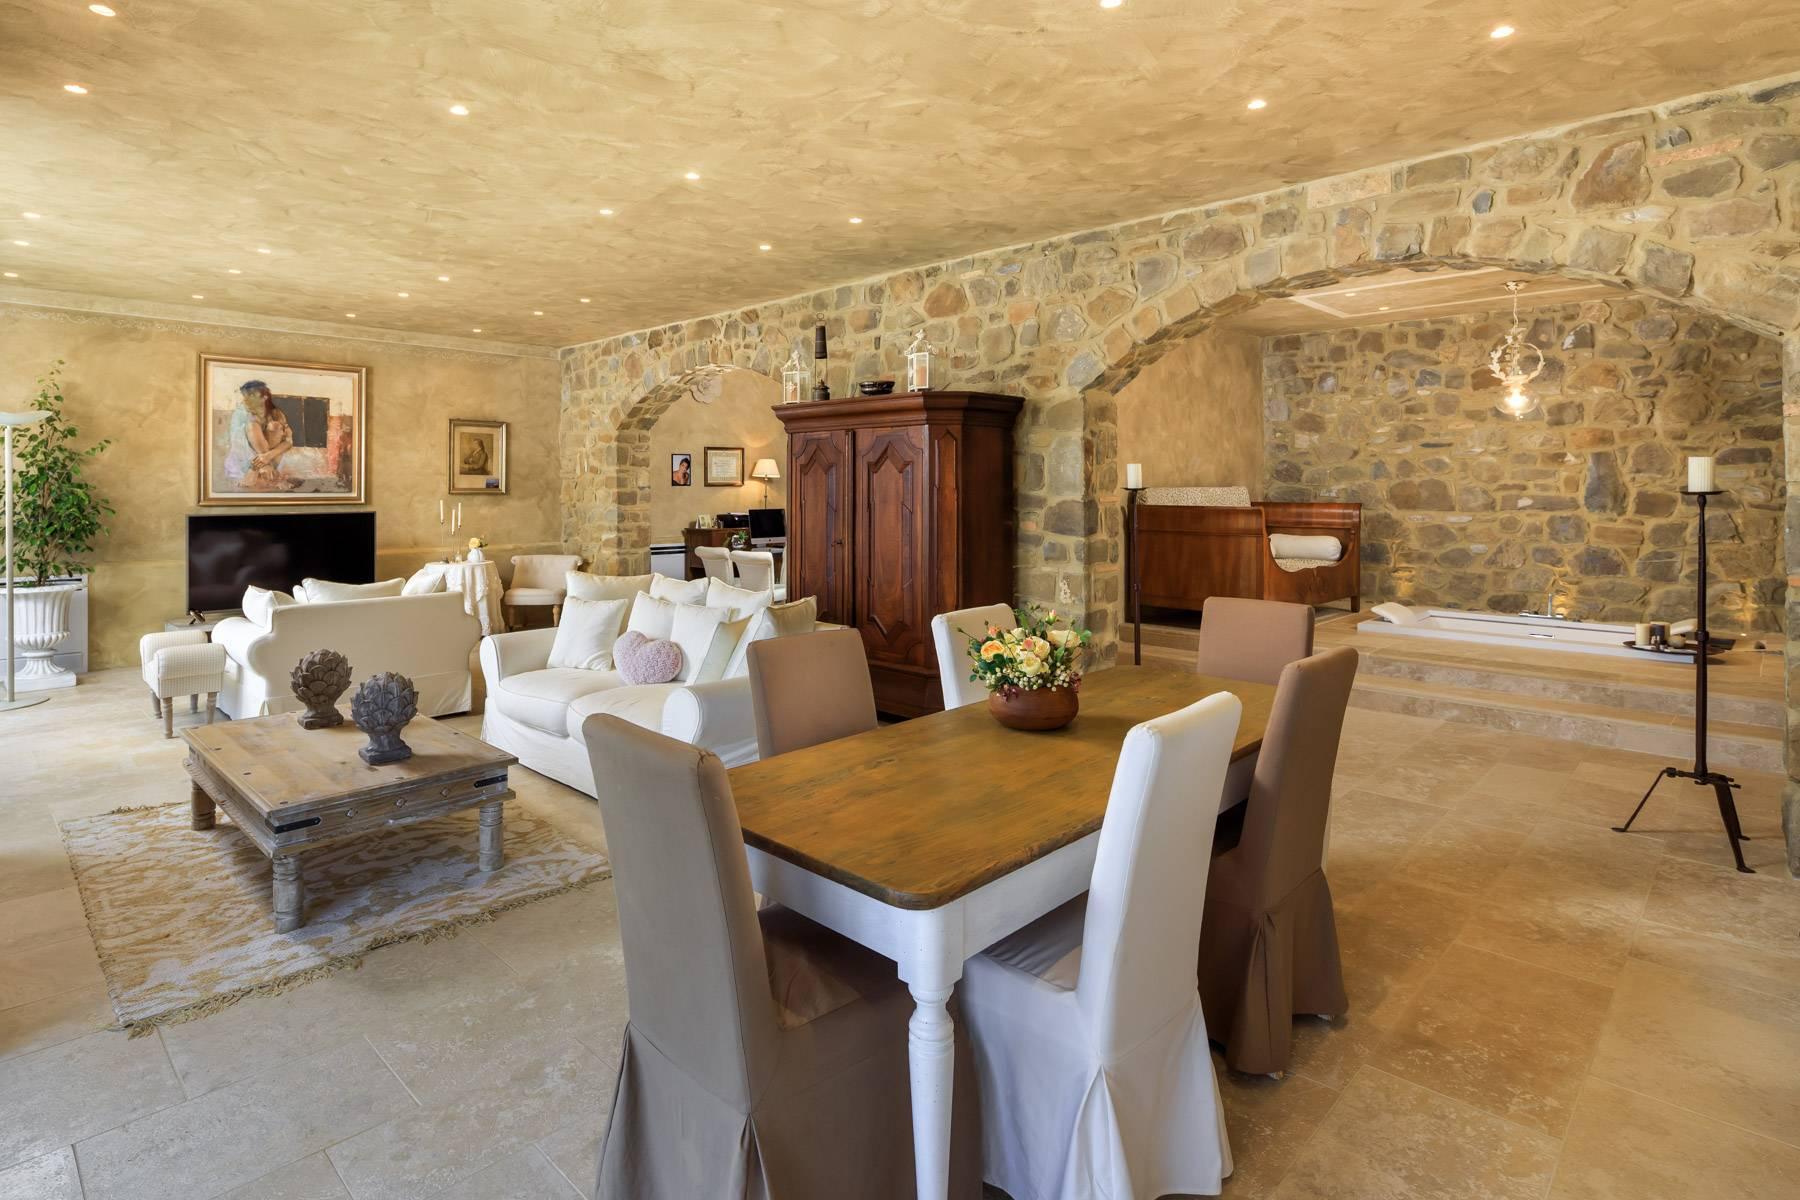 Wunderschönes restauriertes Bauernhaus in der Nähe von Montalcino - 7